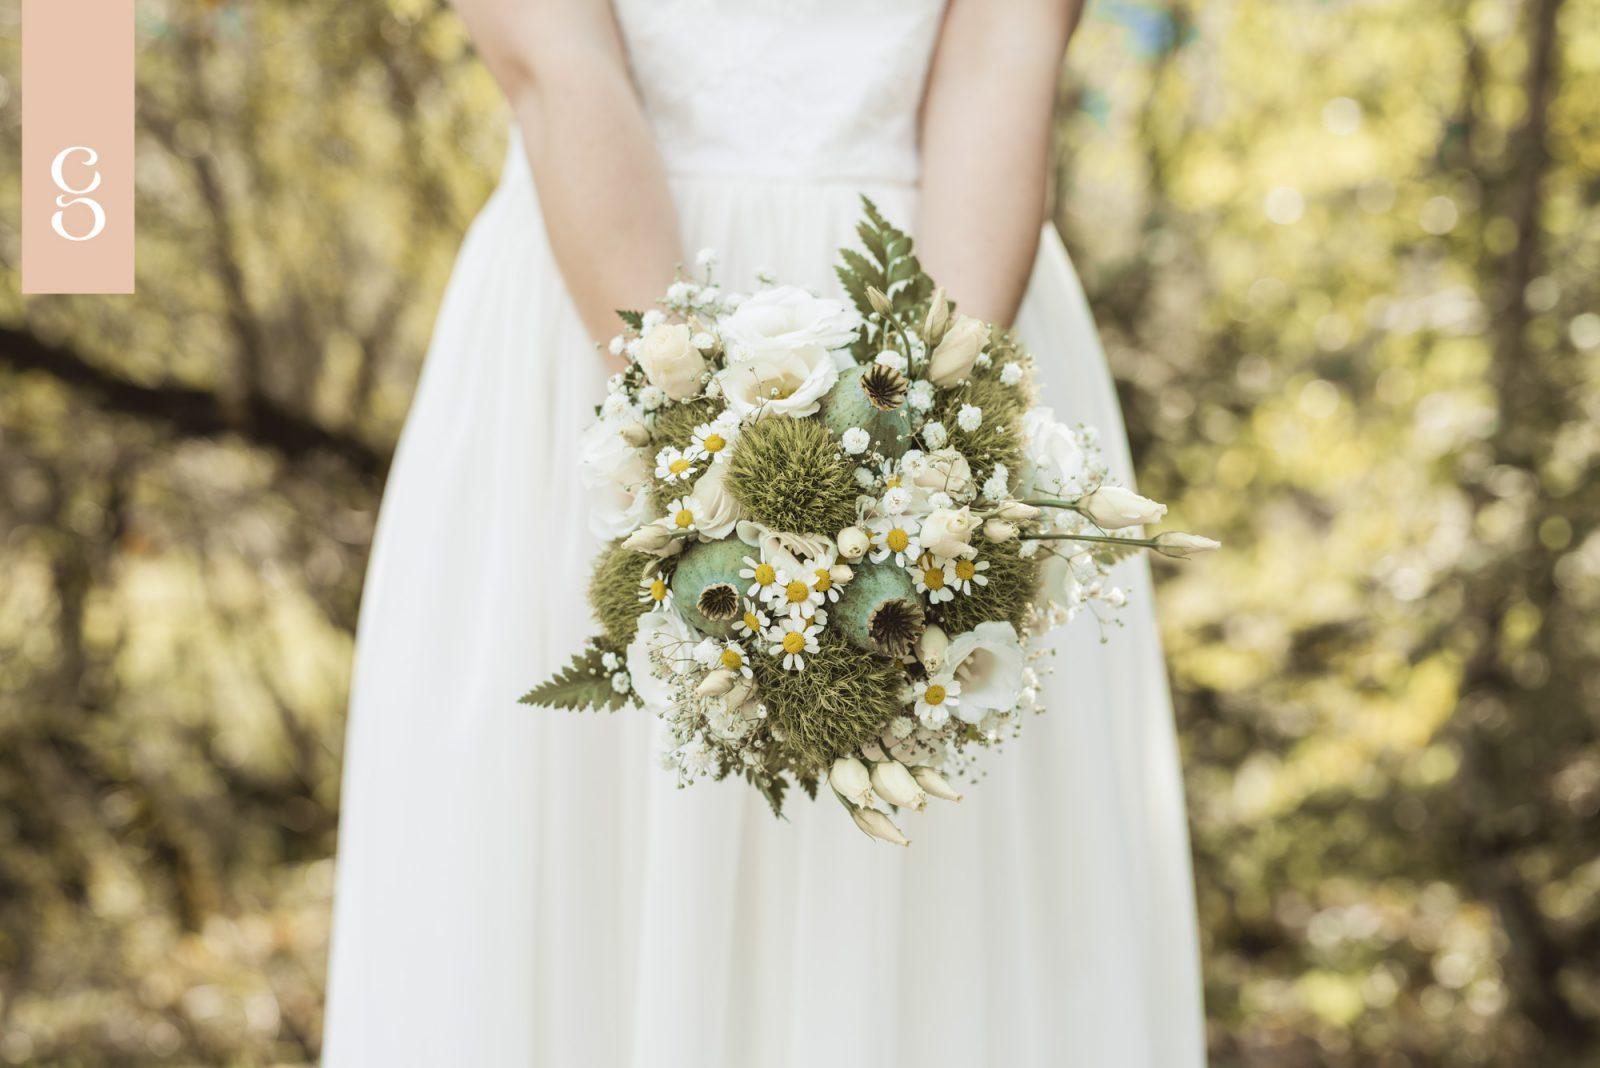 Fotograf_Goettges_Hochzeit_Wedding_Ramsau_Hintersee_Hirschbichl_Berchtesgaden_Hochzeitsfotograf-24